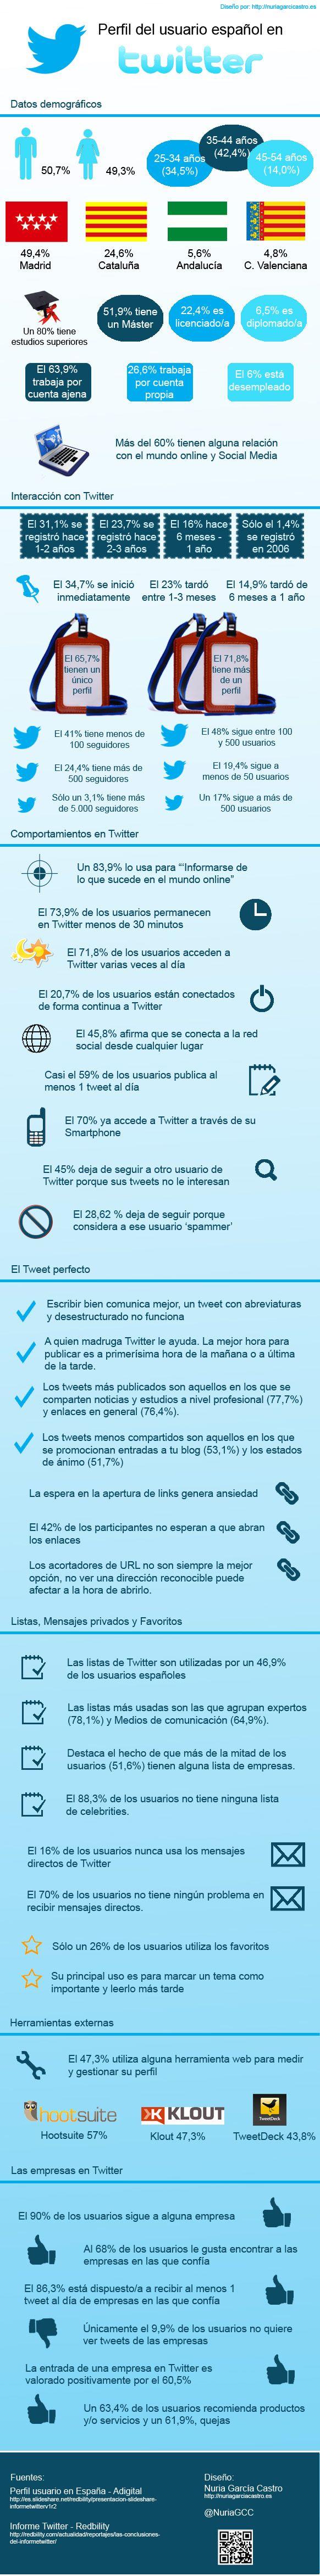 #Infografía sobre el perfil del usuario español en #Twitter. Por @Nuria B García